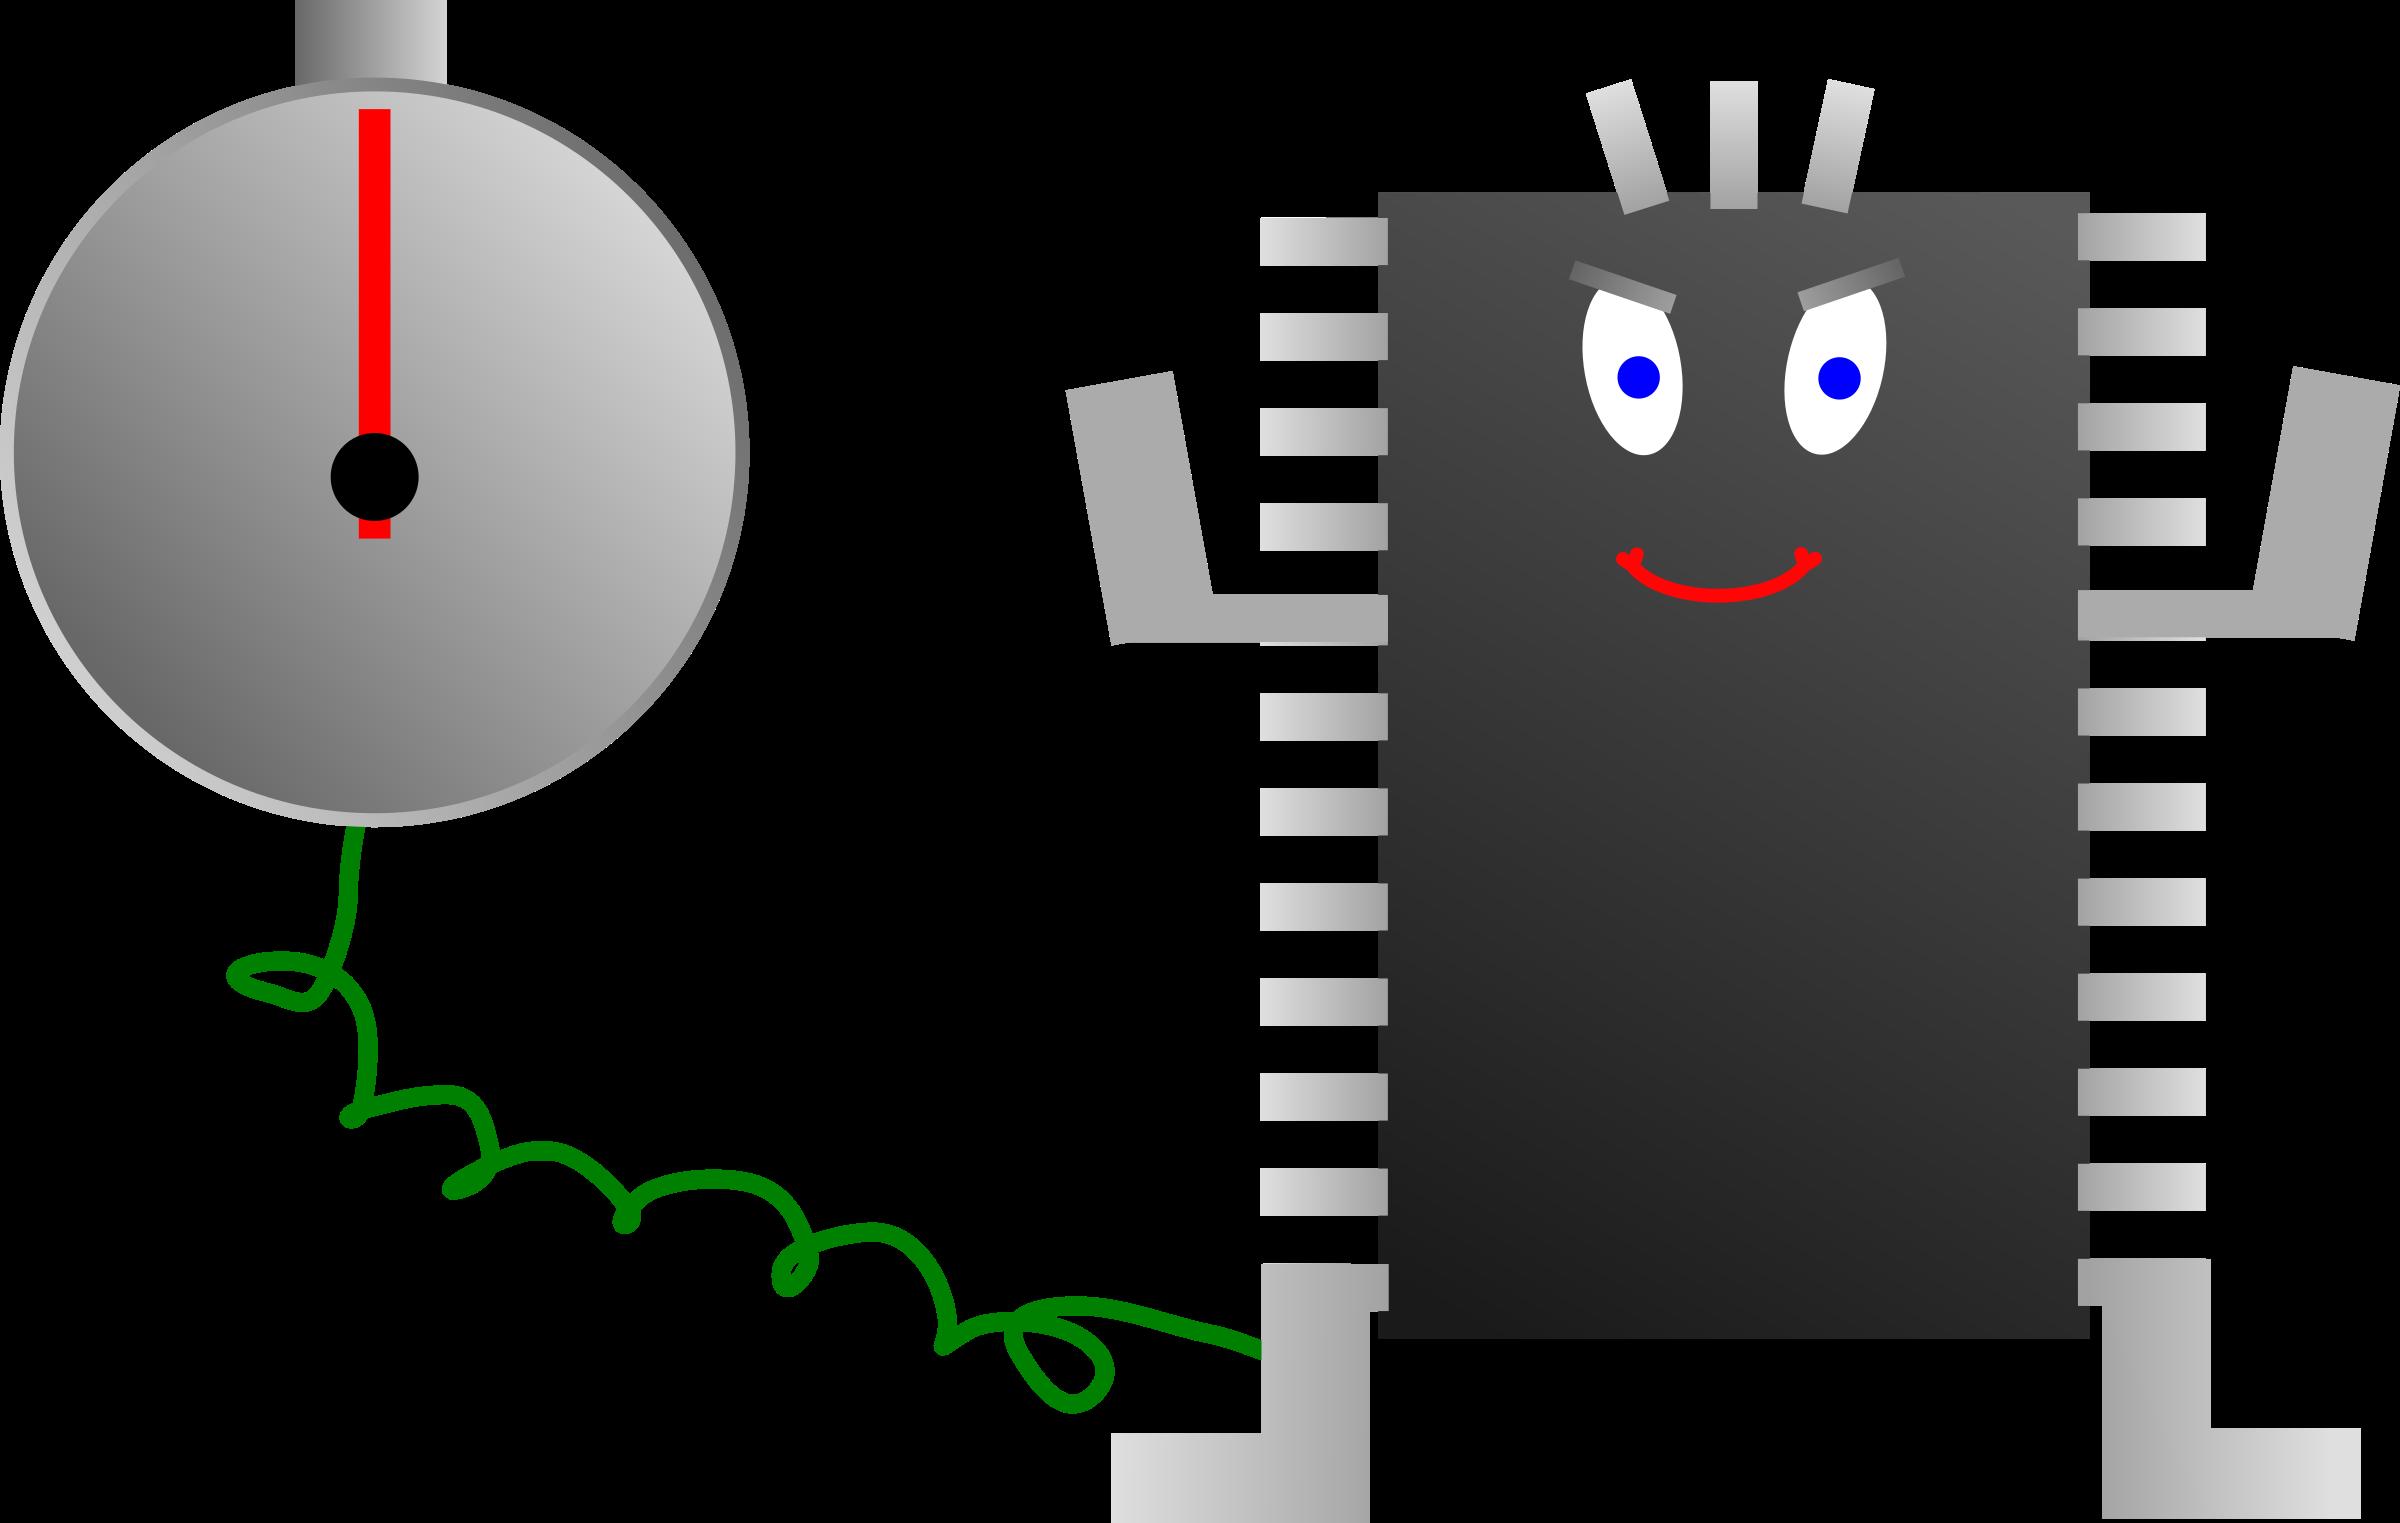 Processor big image png. Clipart clock character